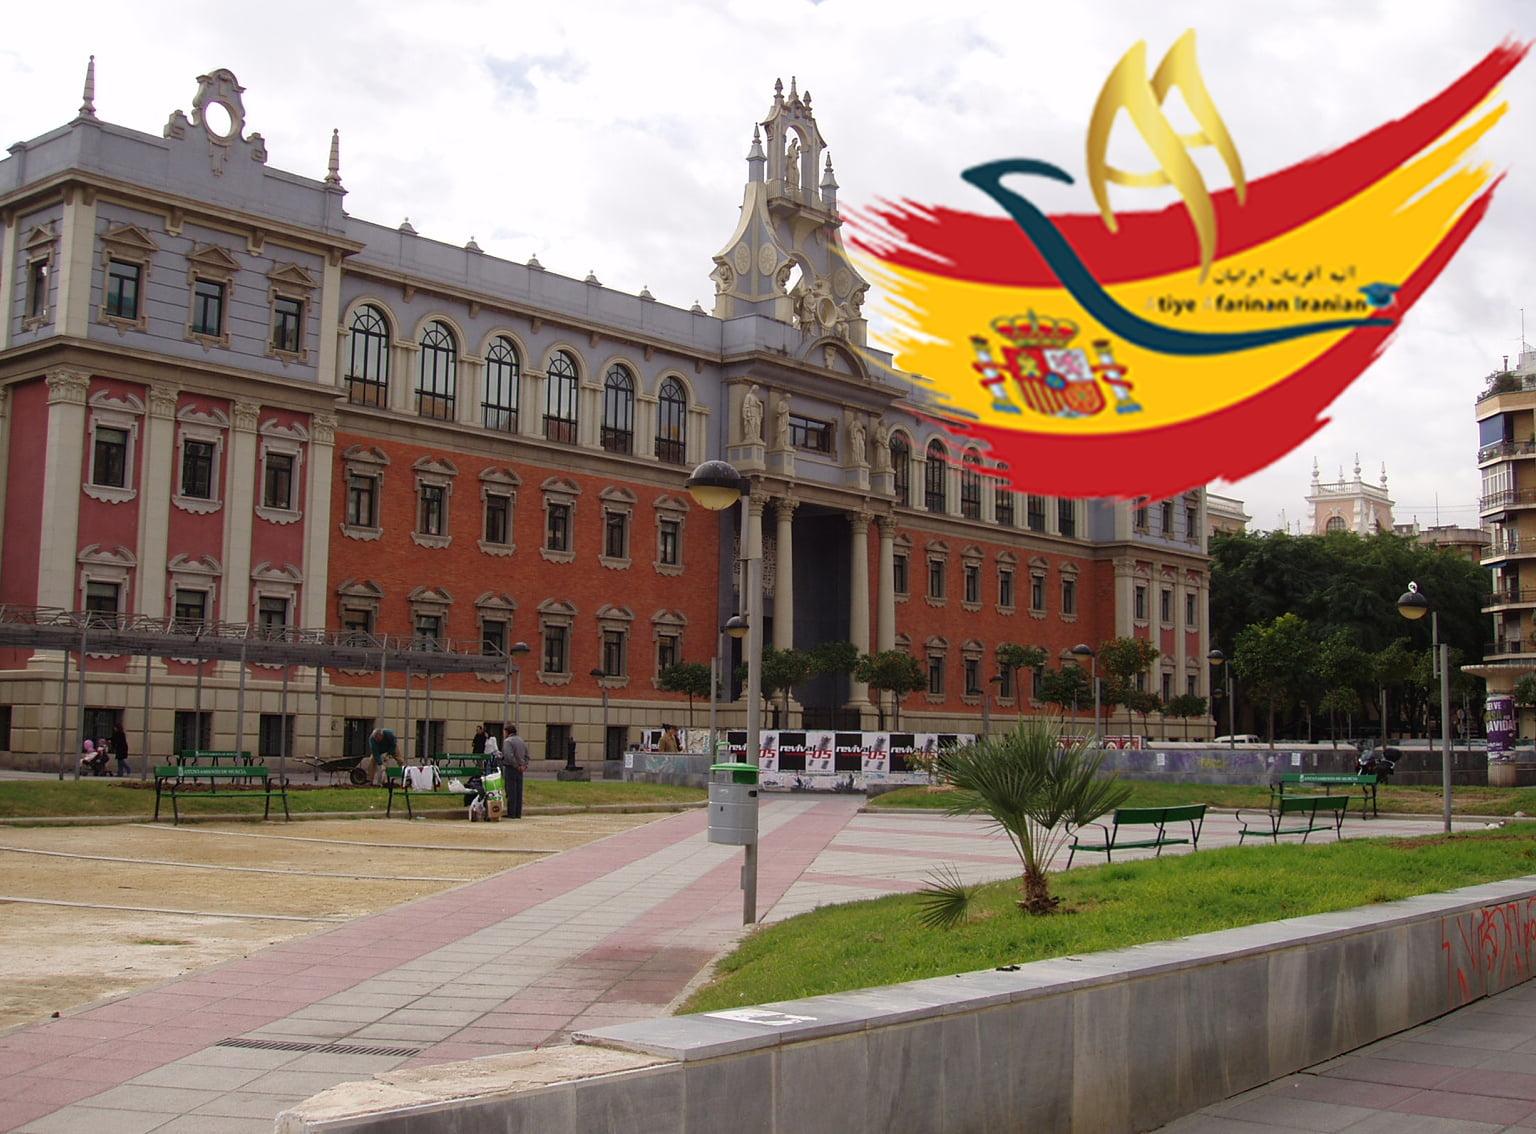 دانشگاه مورسیا اسپانیا